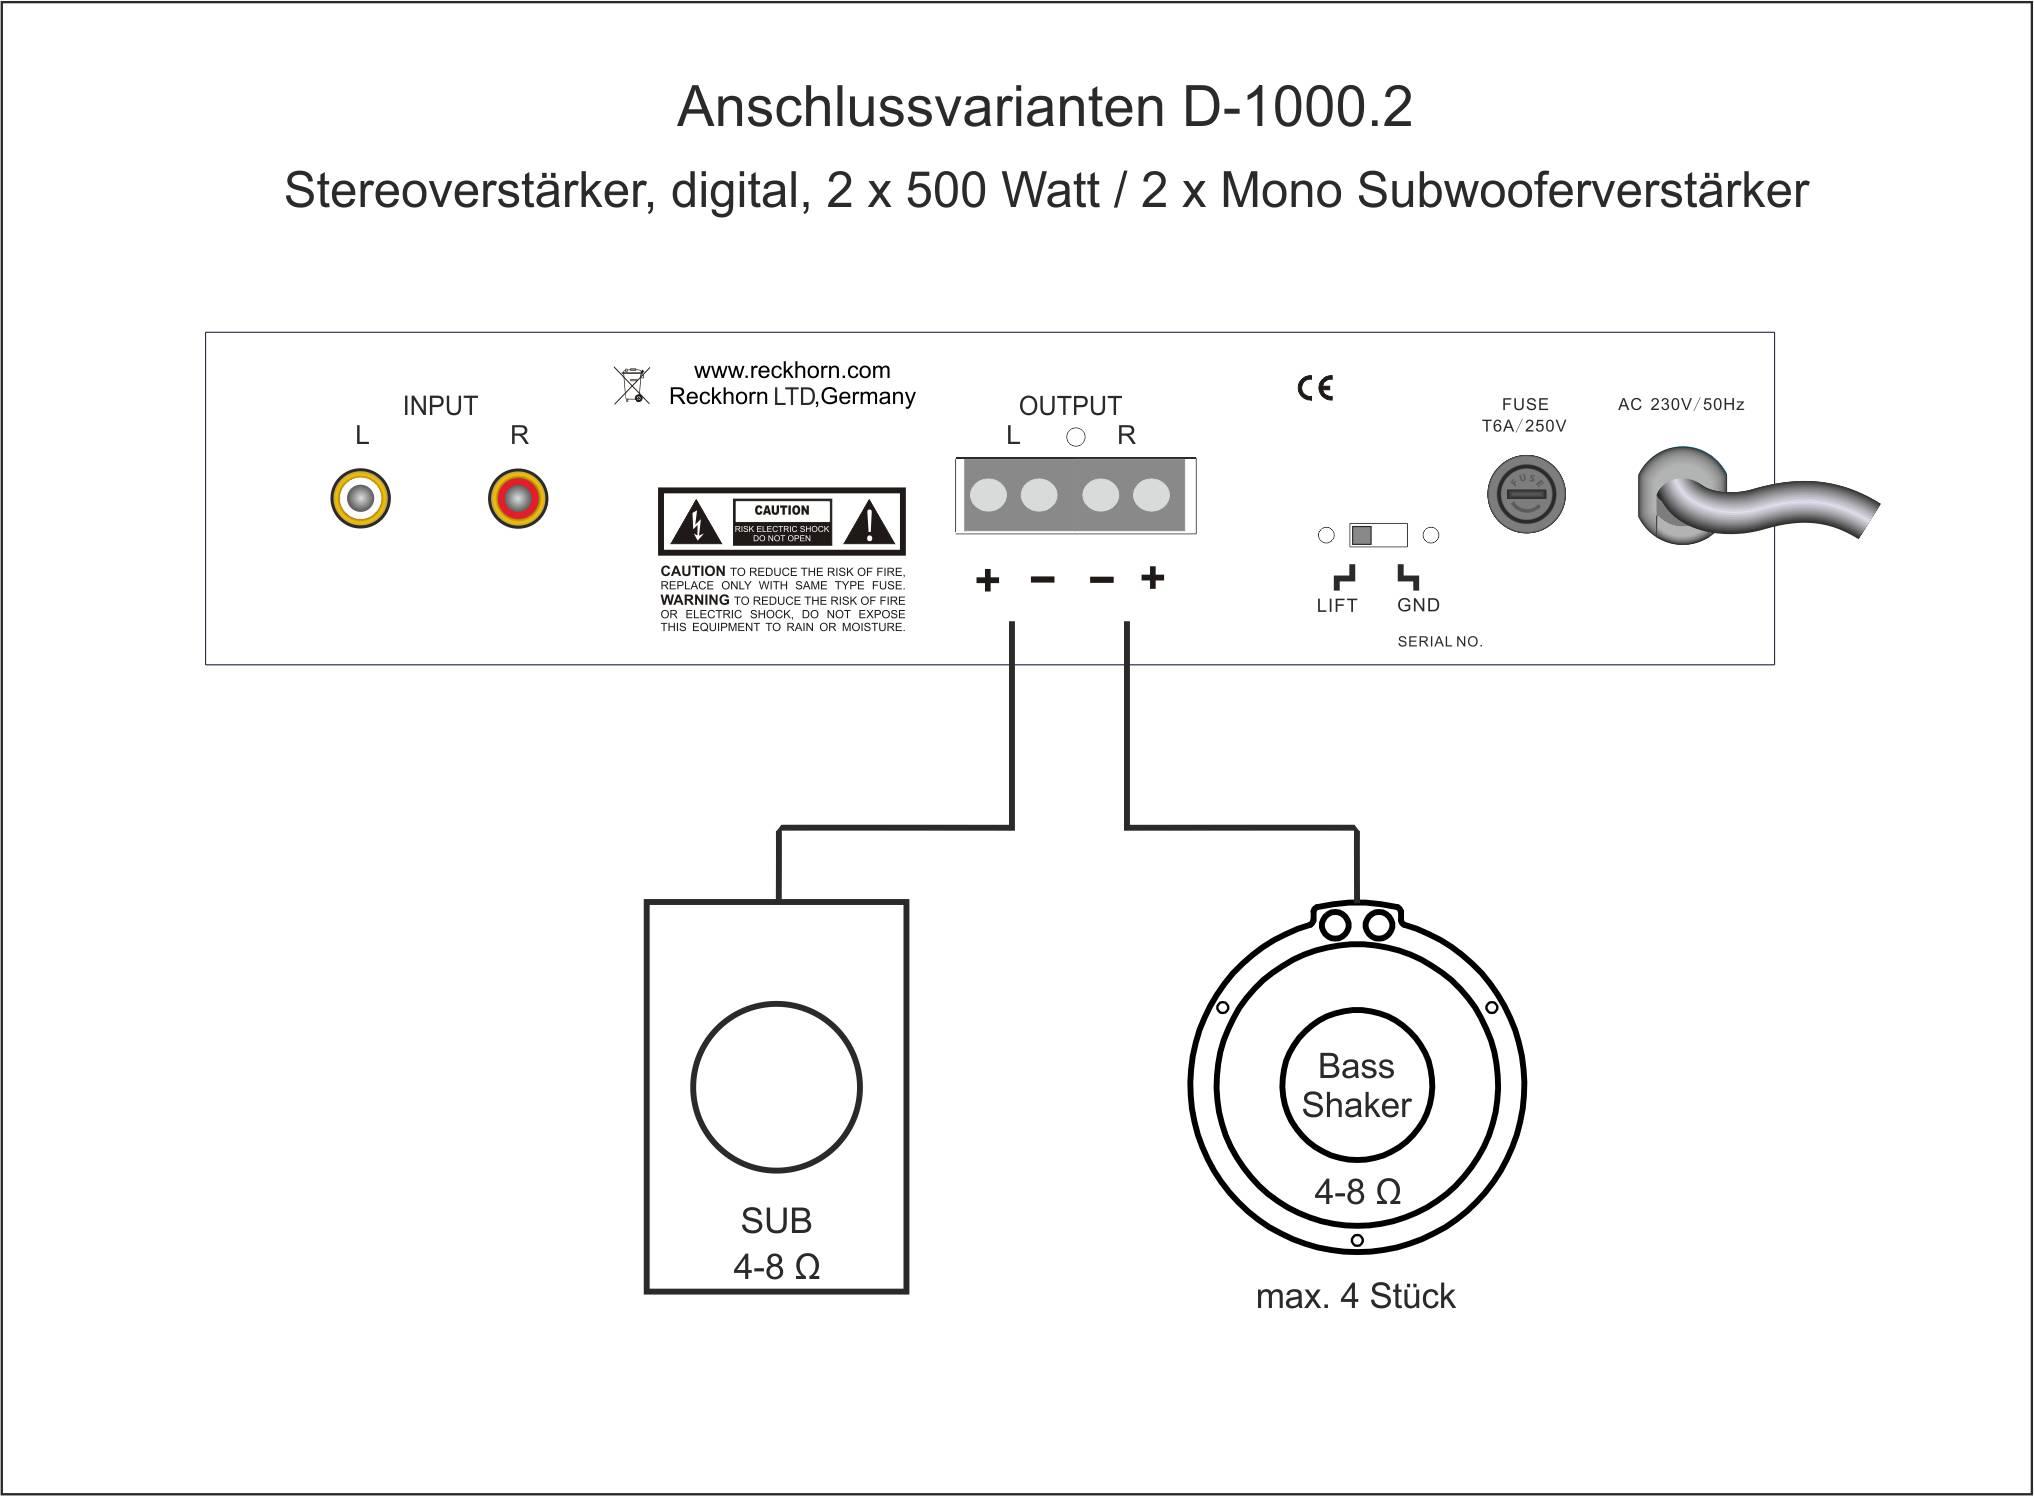 Tremendous Der Allrounder Stereoverstarker Oder 2 Fache Monoendstufe Fur Wiring Database Gramgelartorg